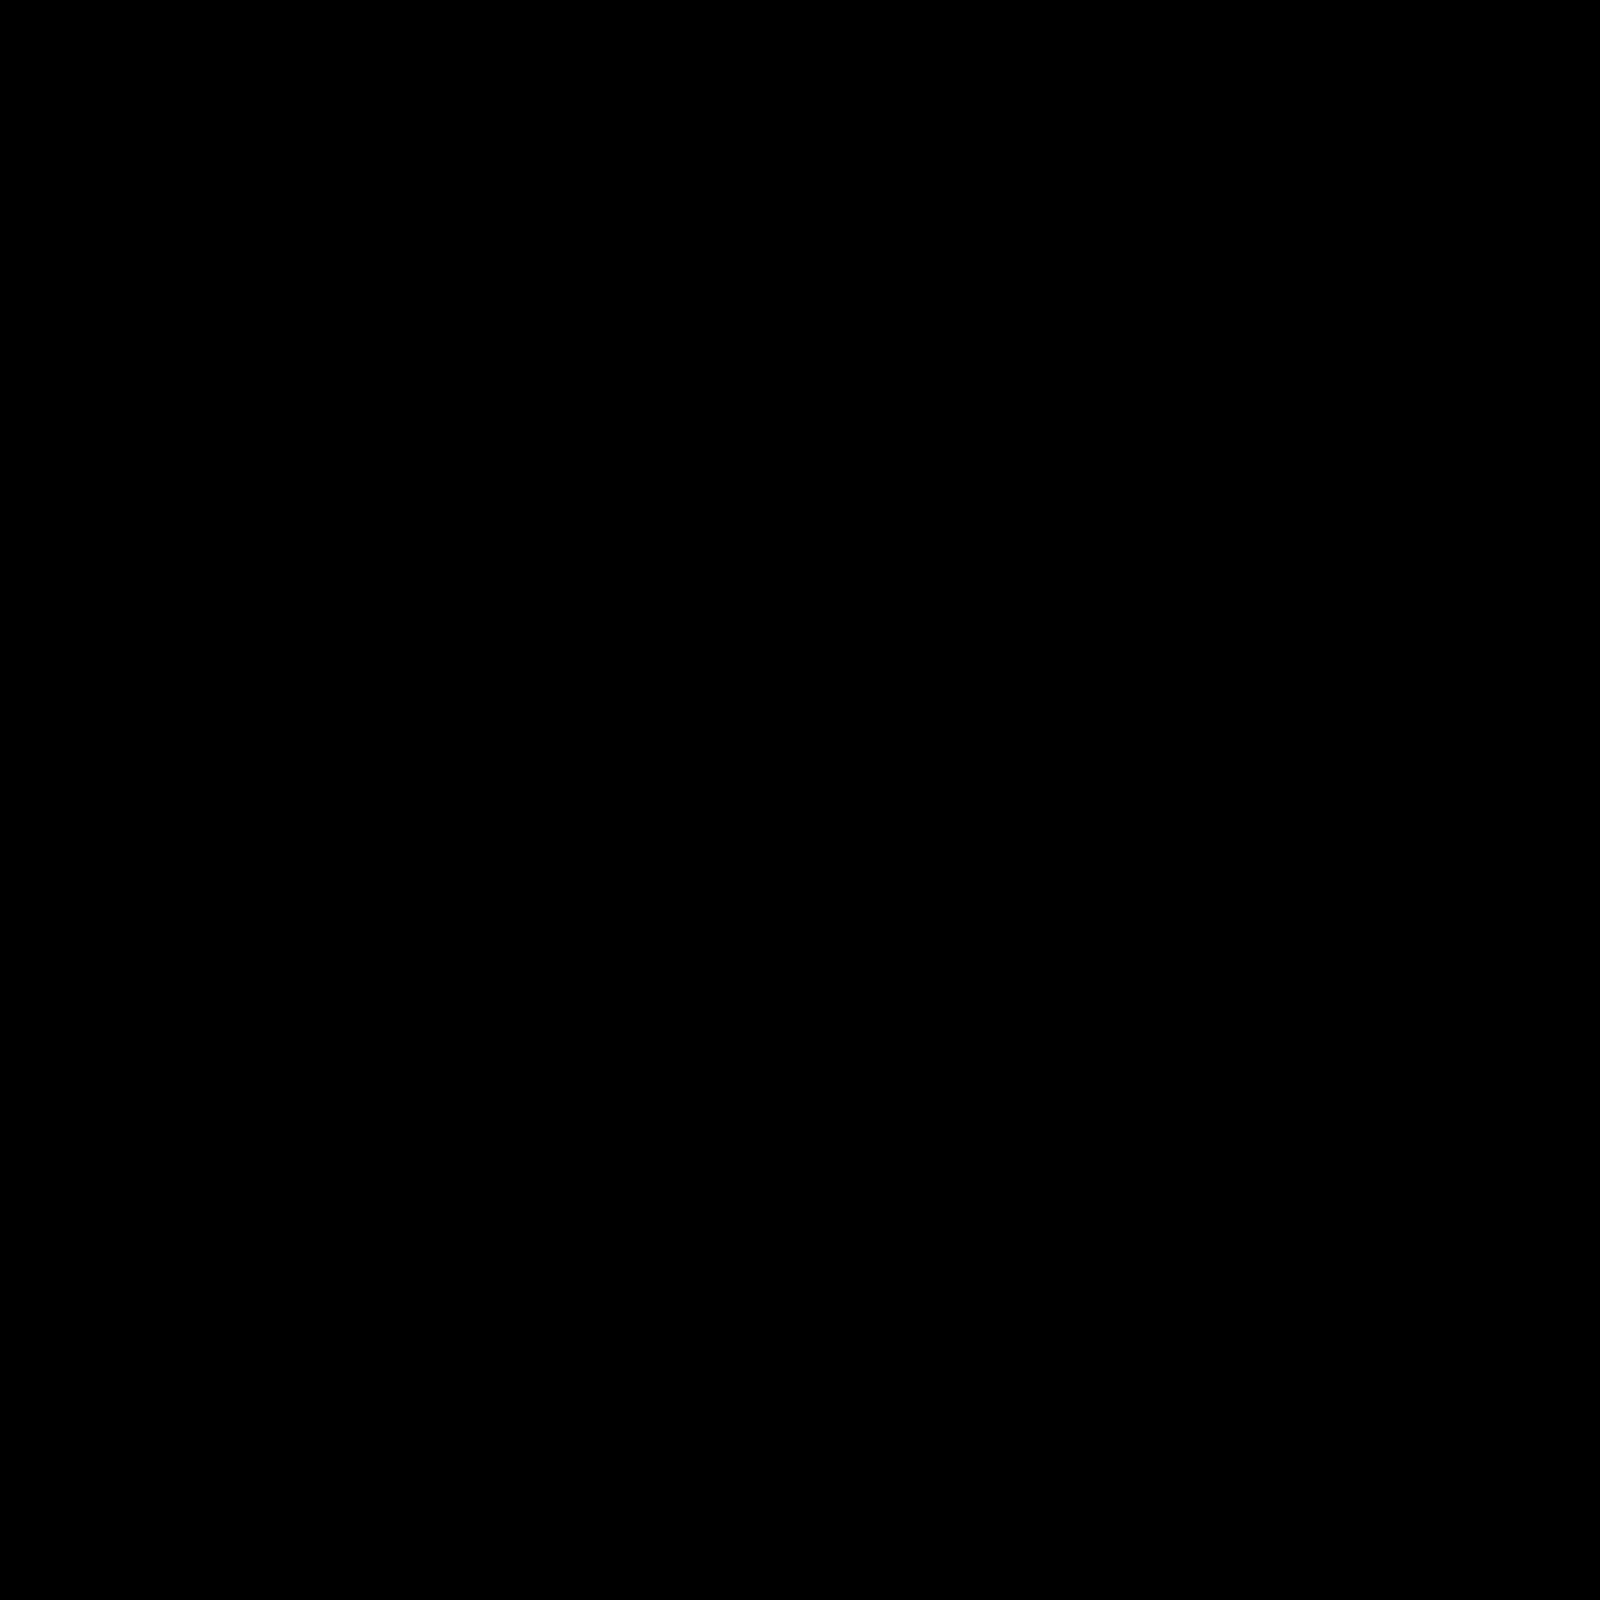 校舍 icon